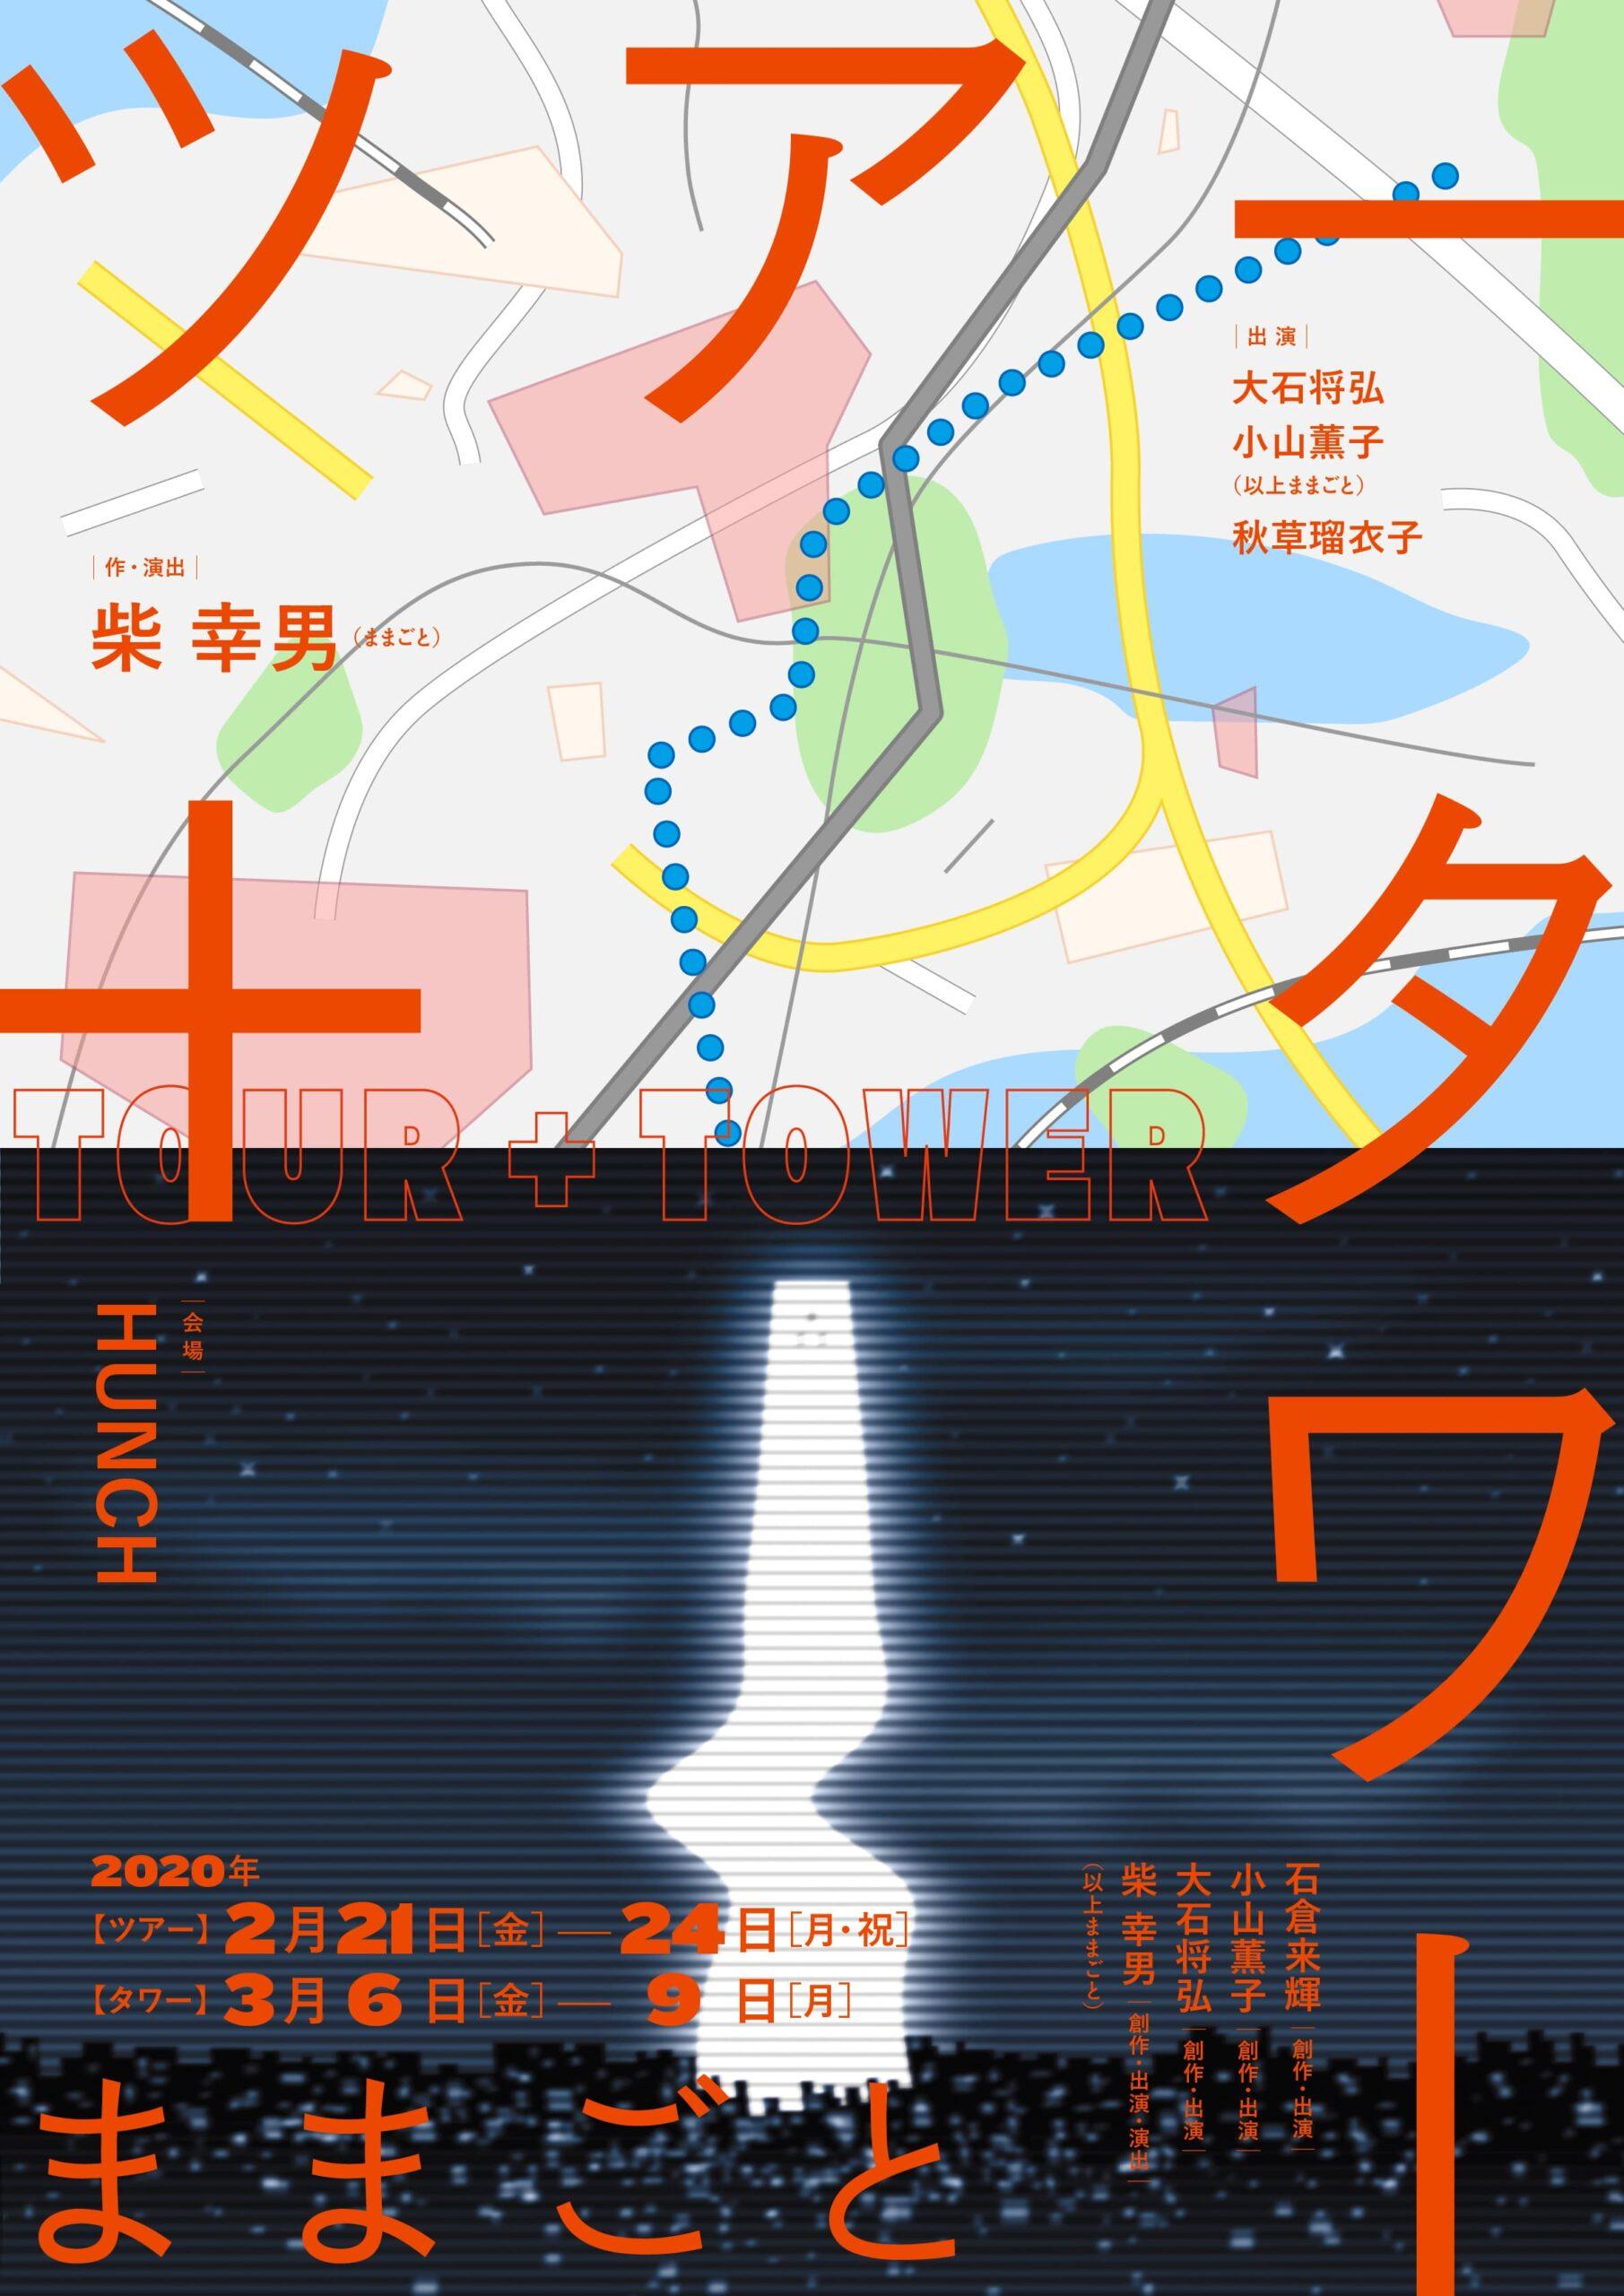 『ツアー』+『タワー【公演中止】』 チラシ画像